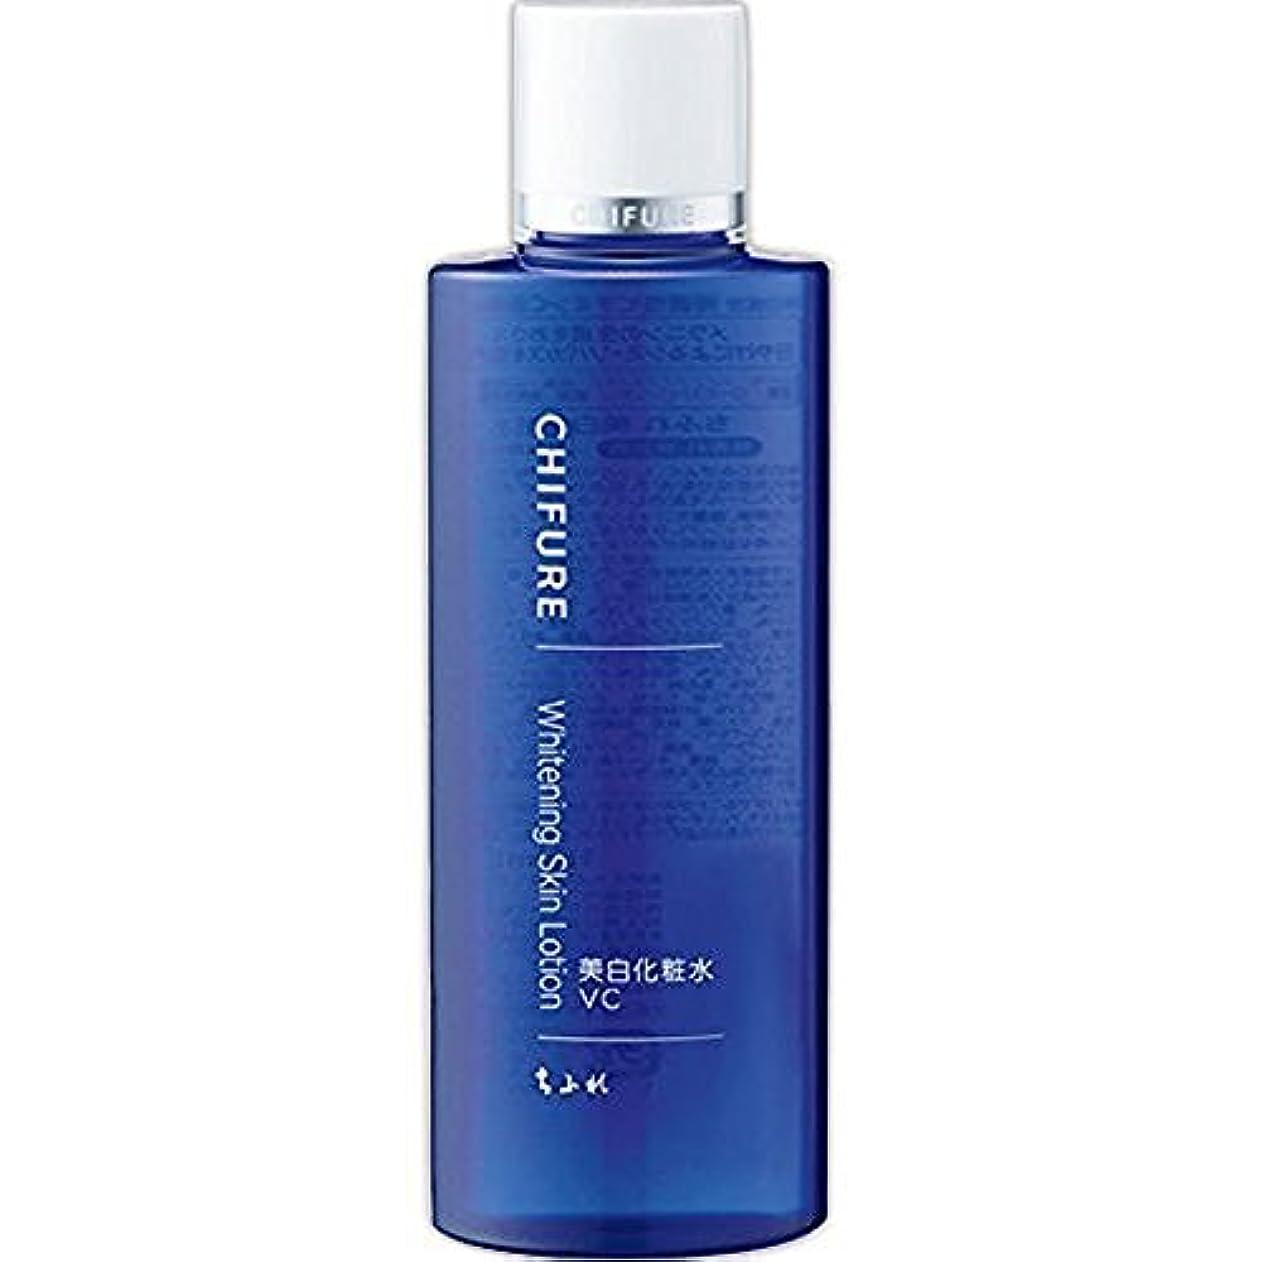 経験合成シミュレートするちふれ化粧品 美白化粧水 VC 180ML (医薬部外品)